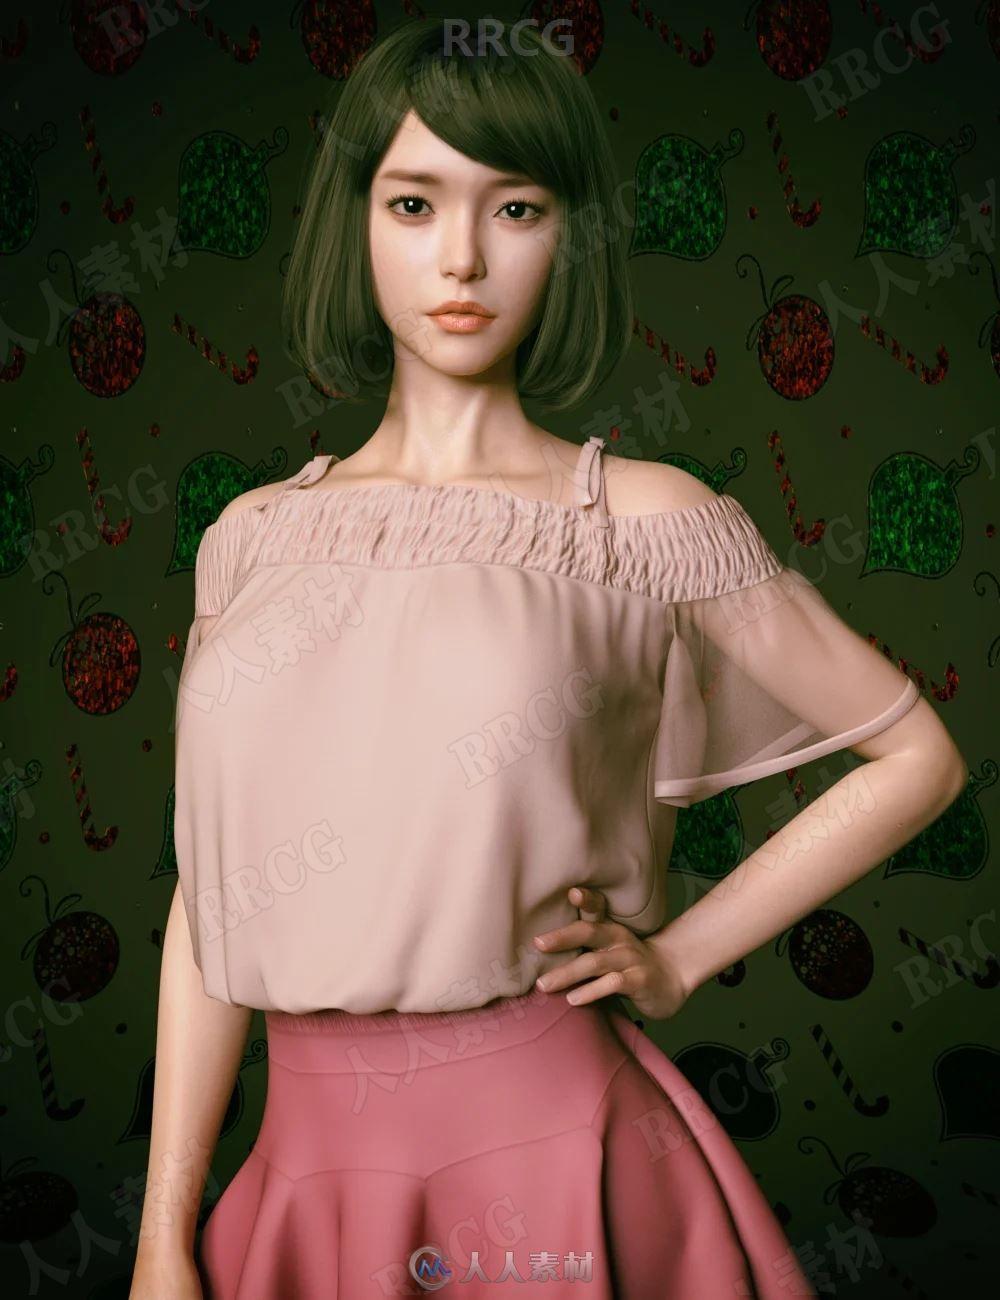 年轻活力女性精致妆容齐耳短发发型3D模型合集